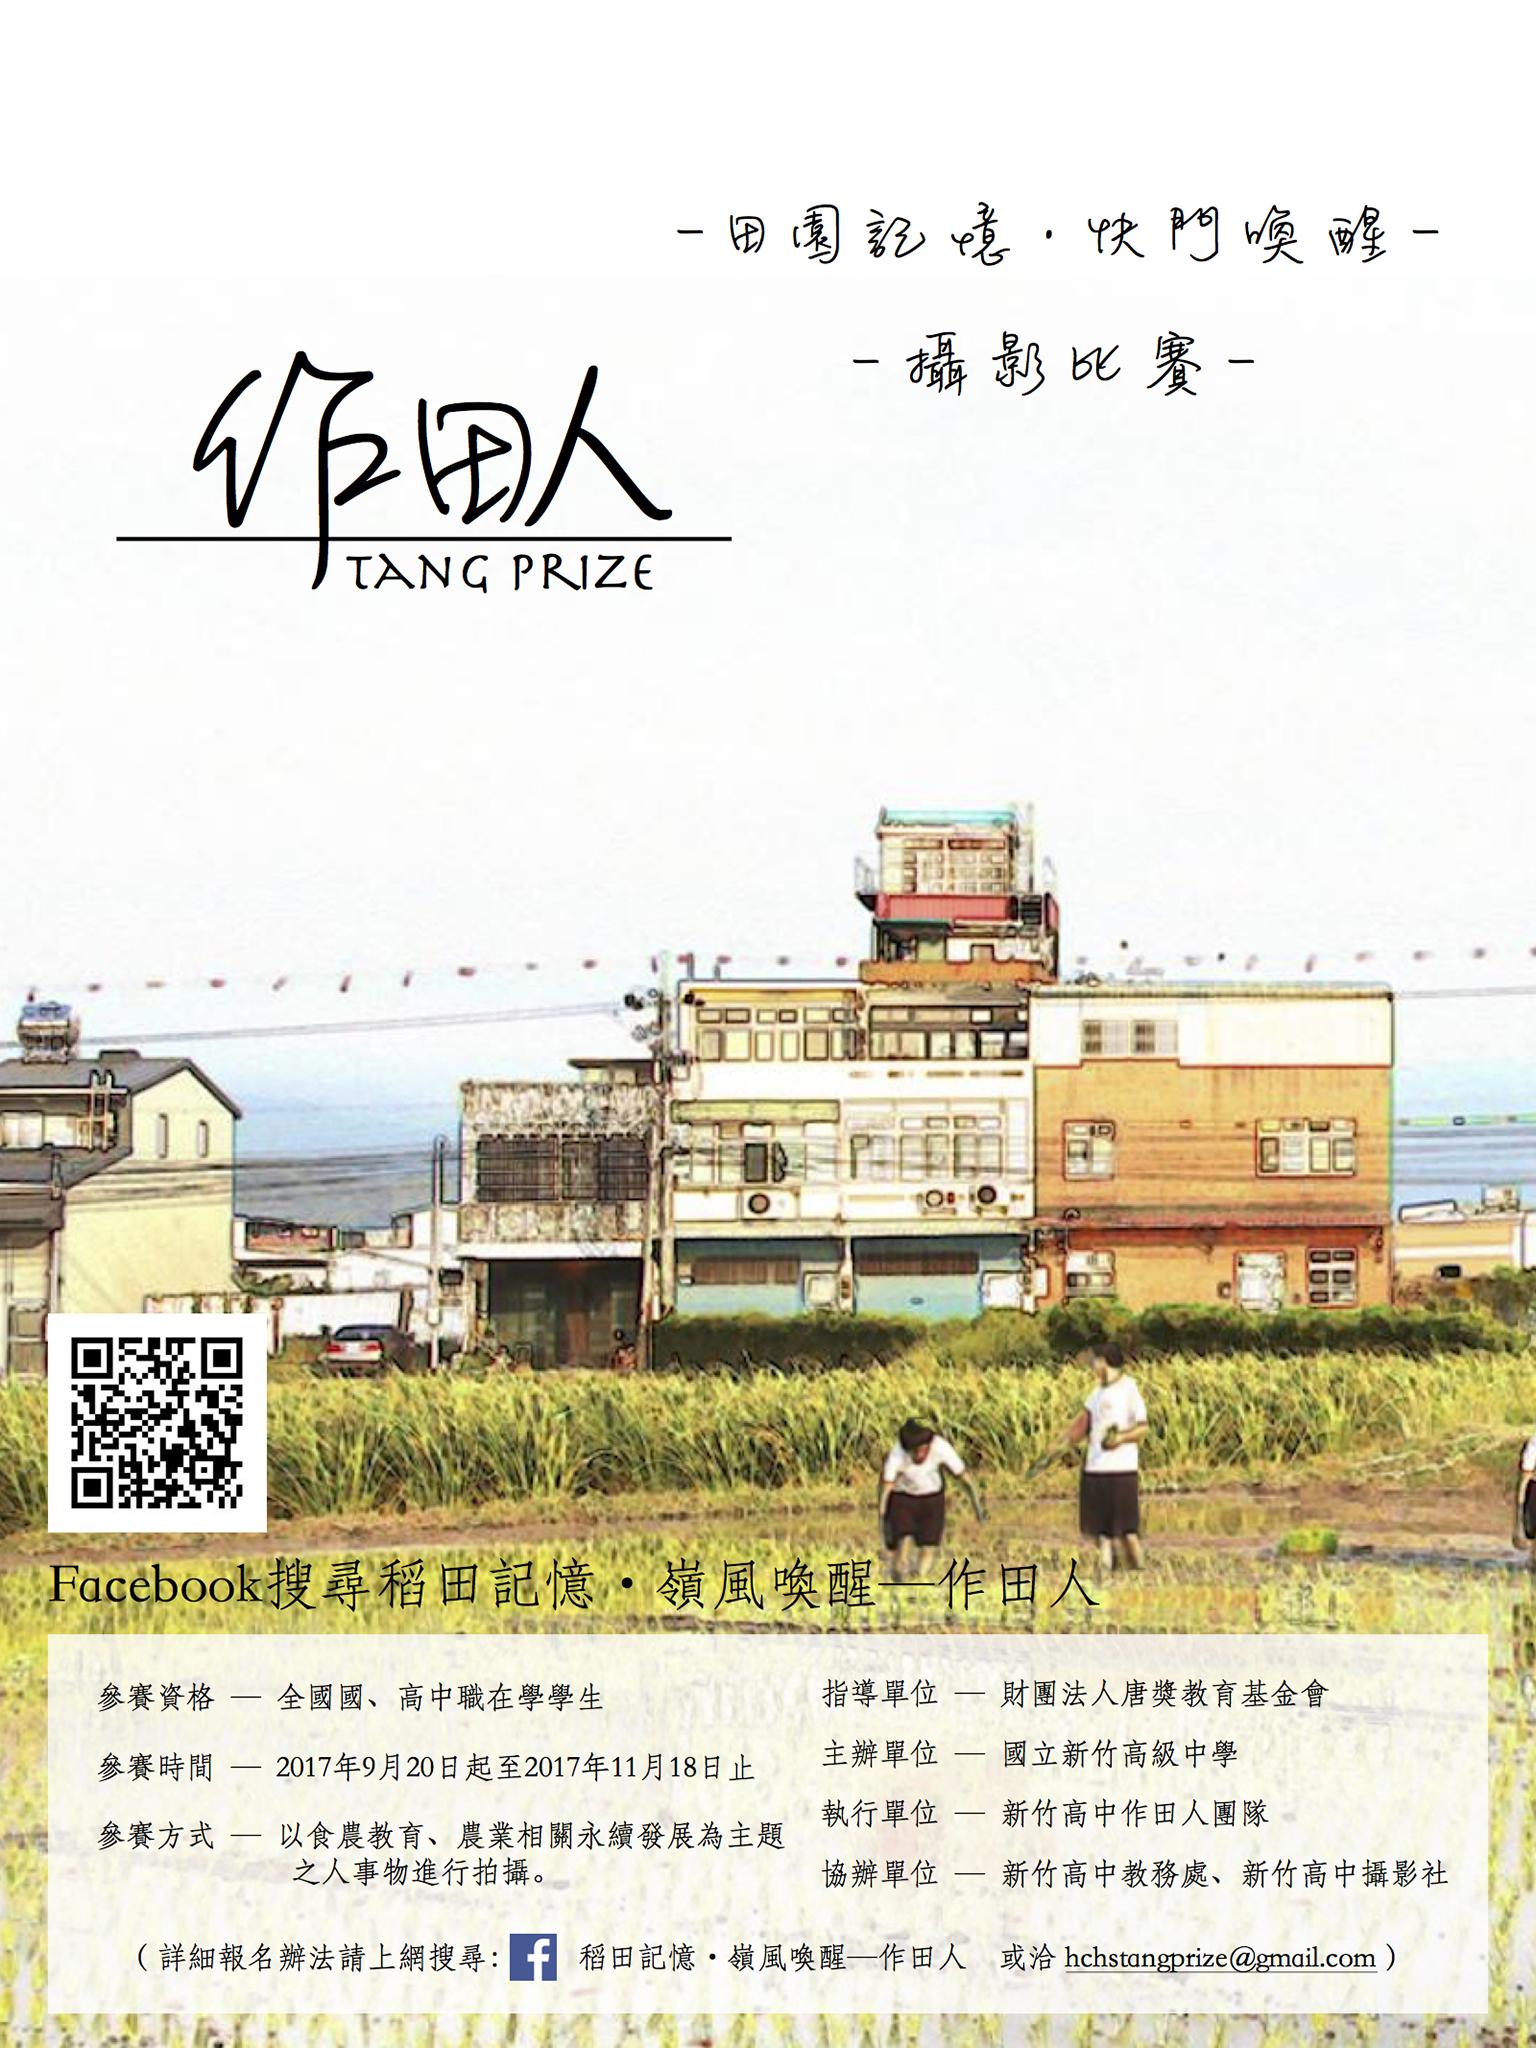 「田園記憶・快門喚醒」攝影比賽 海報